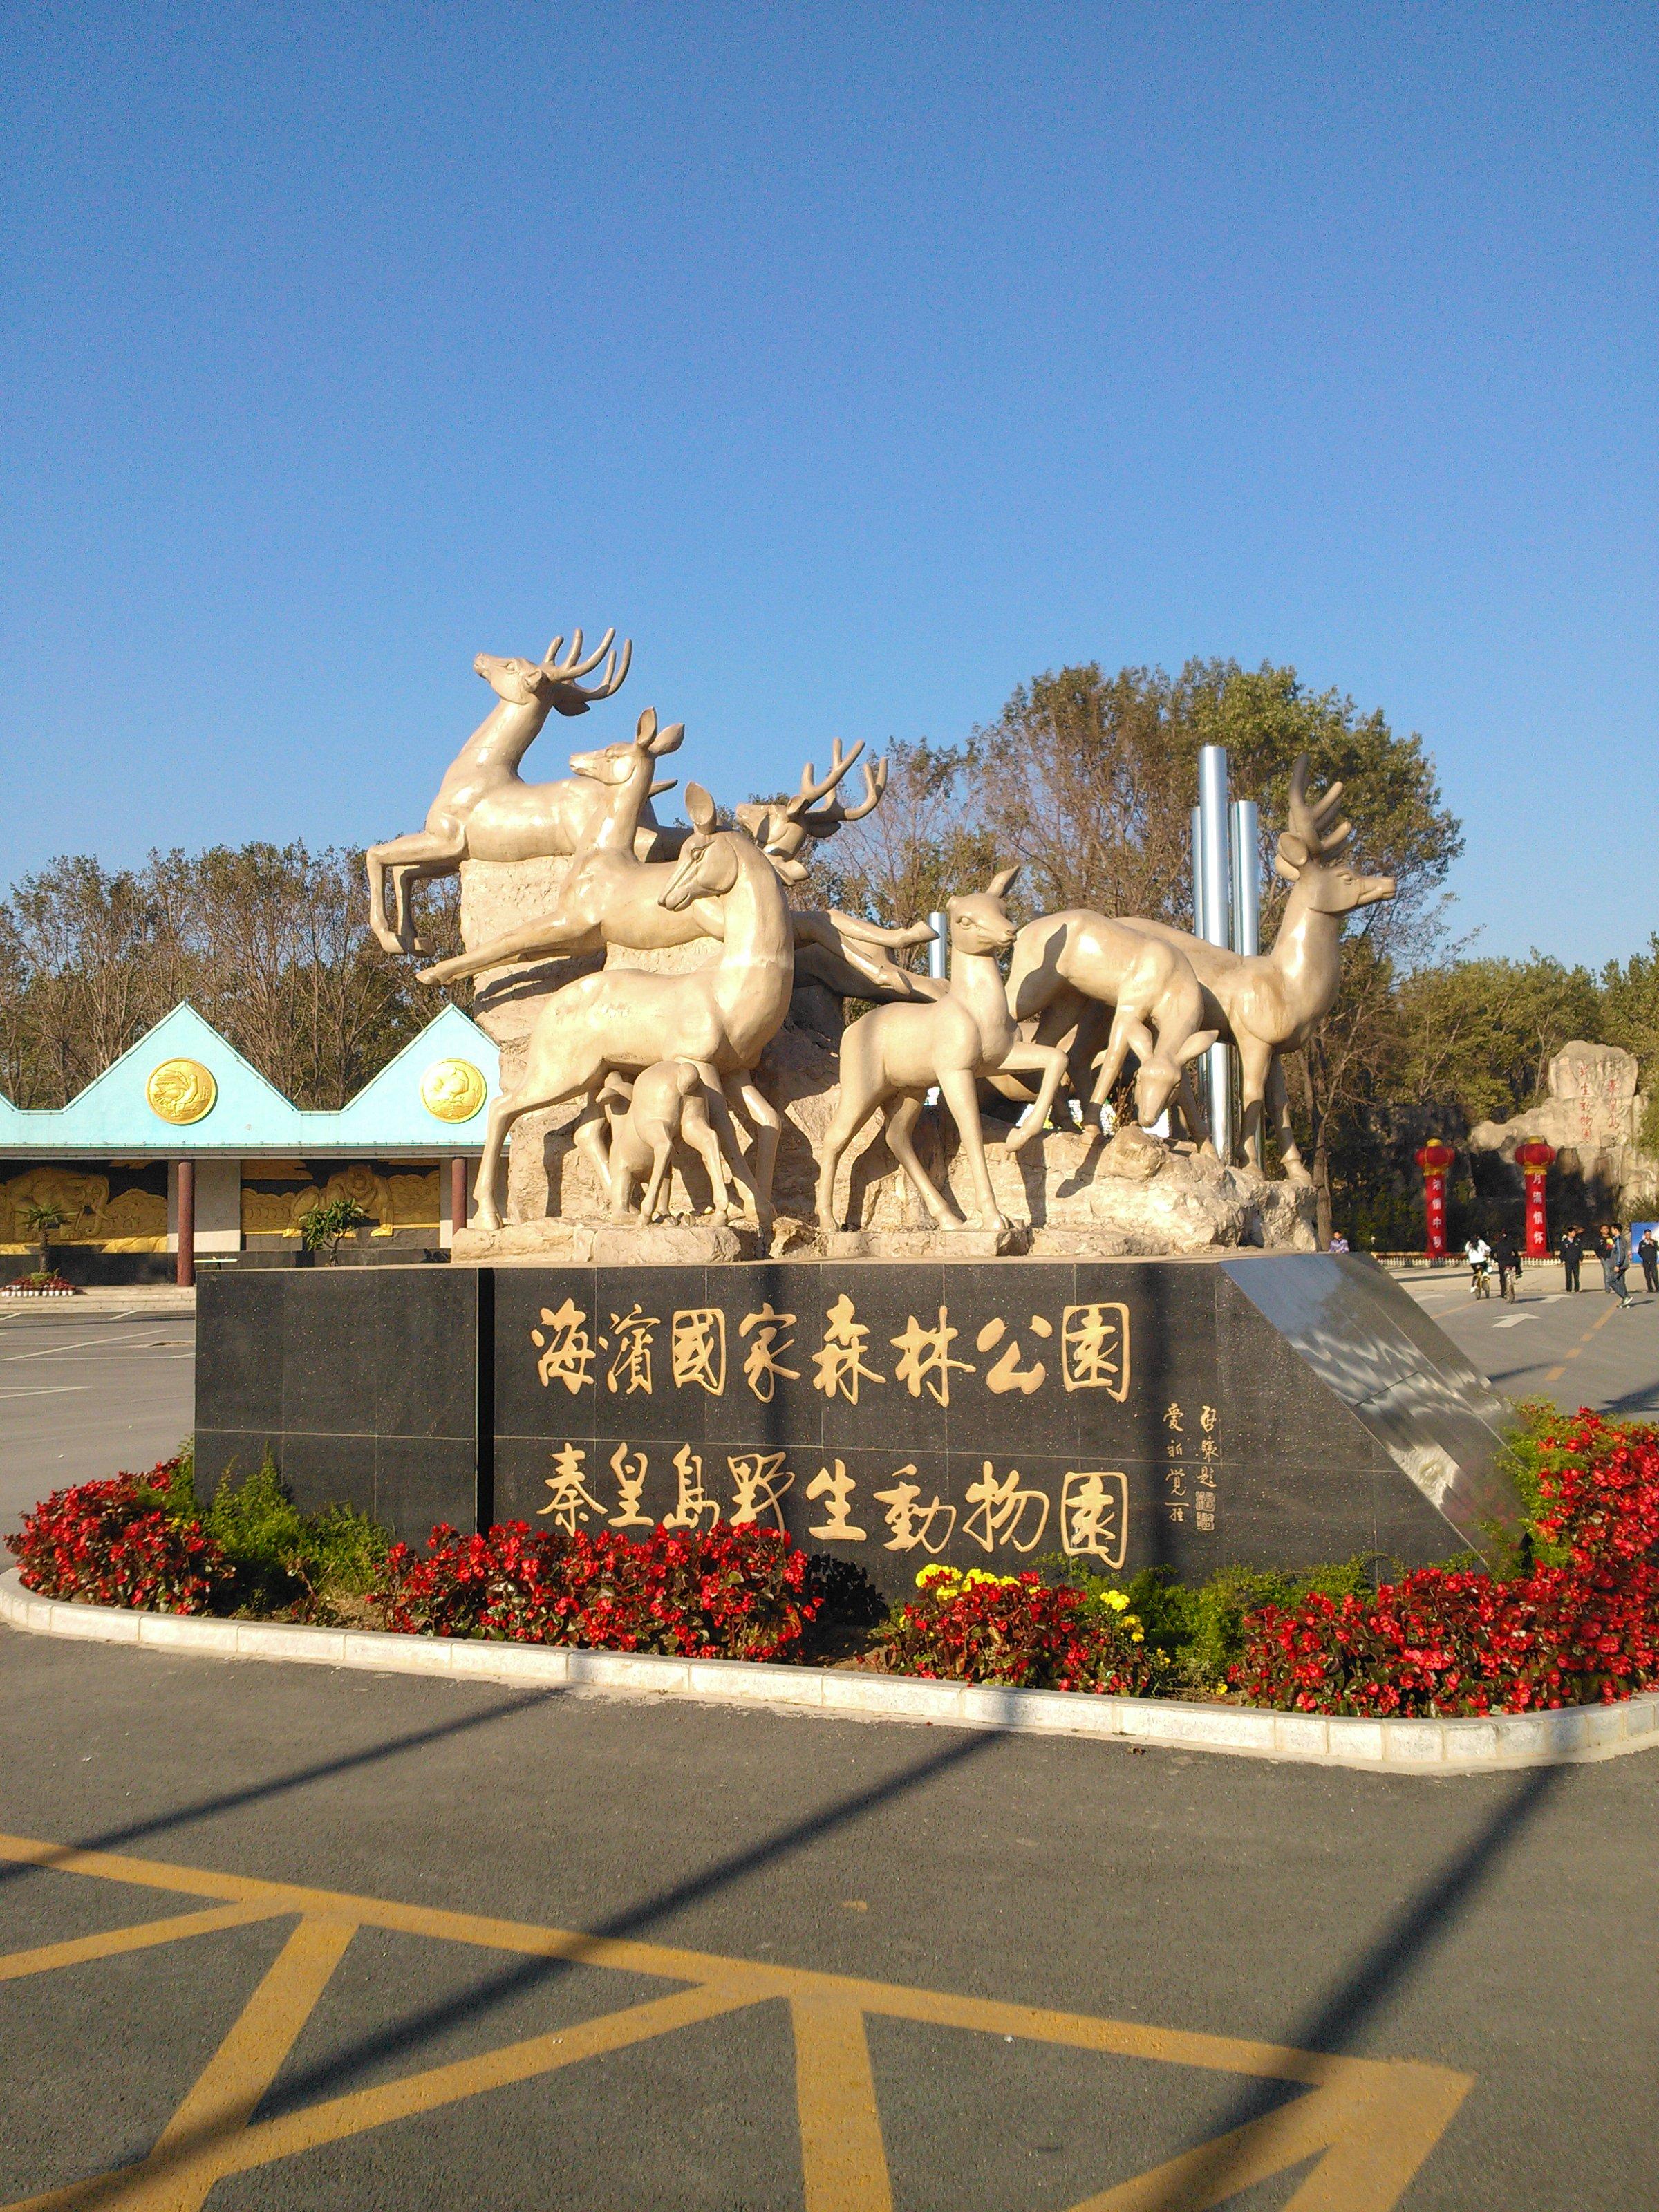 秦皇岛野生动物园,位于河北省秦皇岛市北戴河风景区